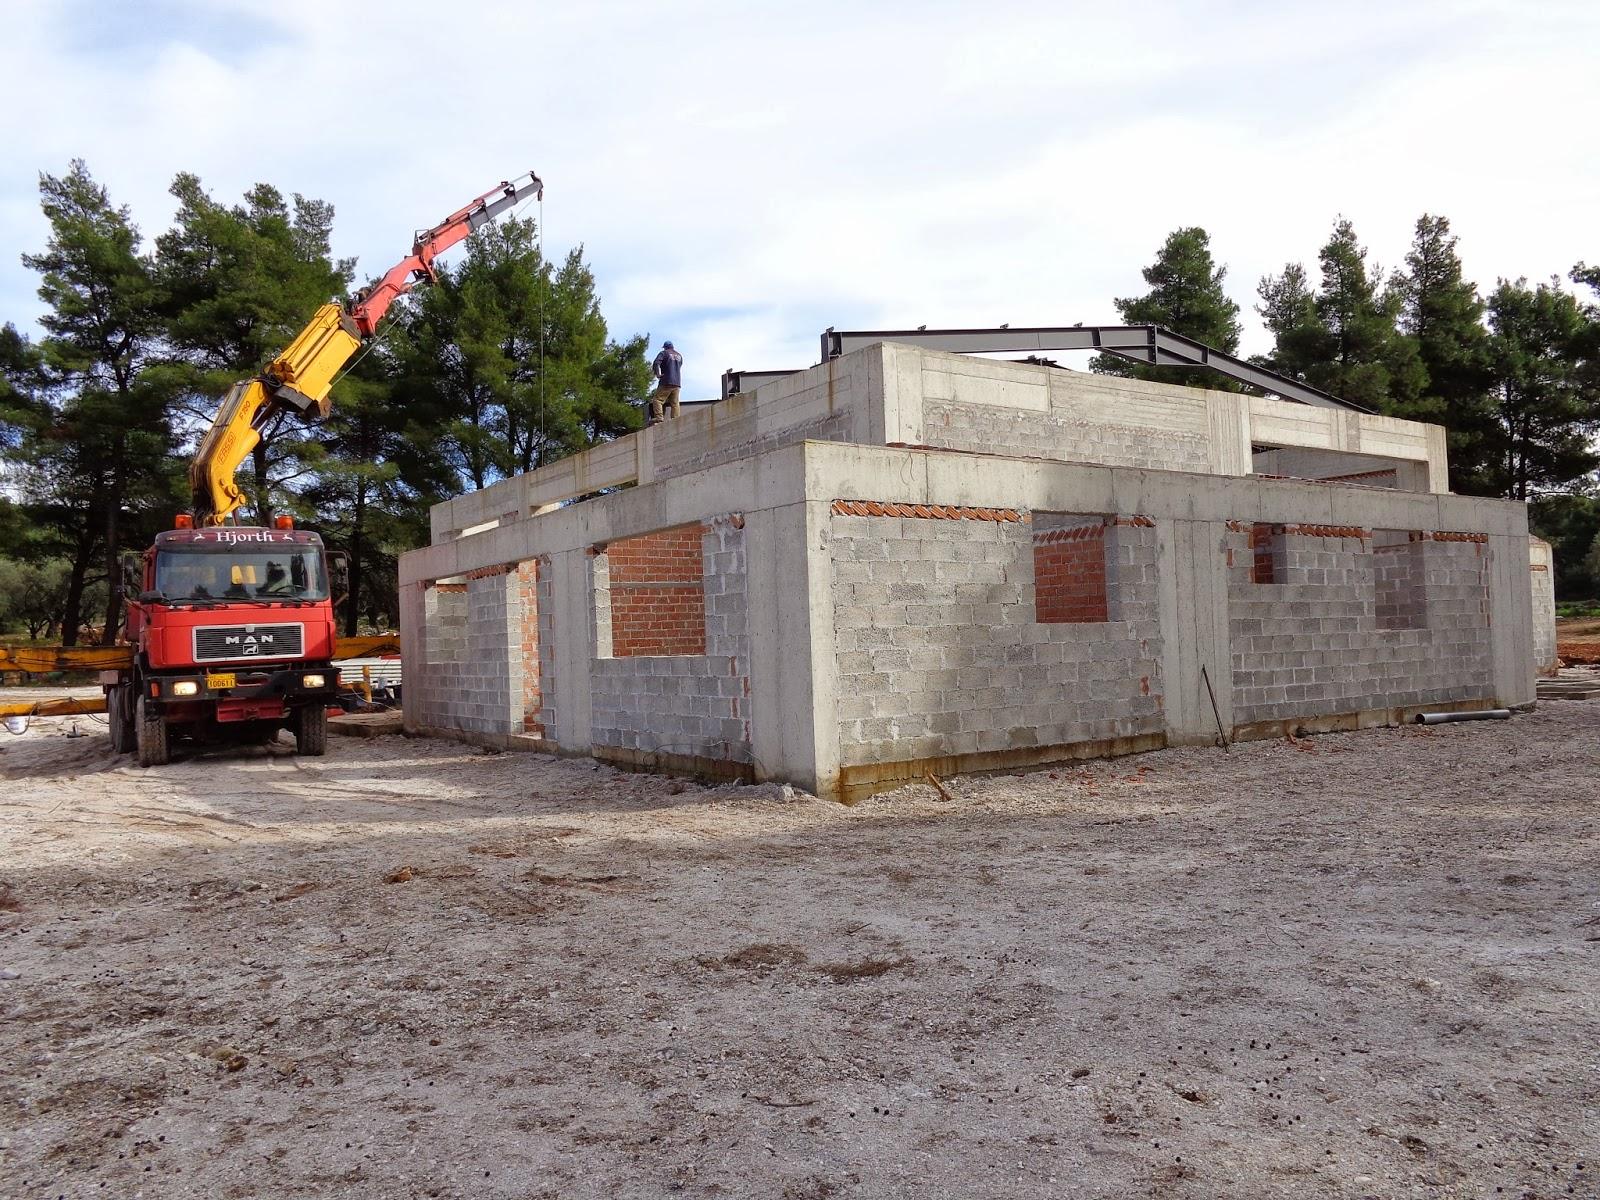 Επείγον αίτημα χρηματοδότησης για το νέο υπερσύγχρονο εργοστάσιο